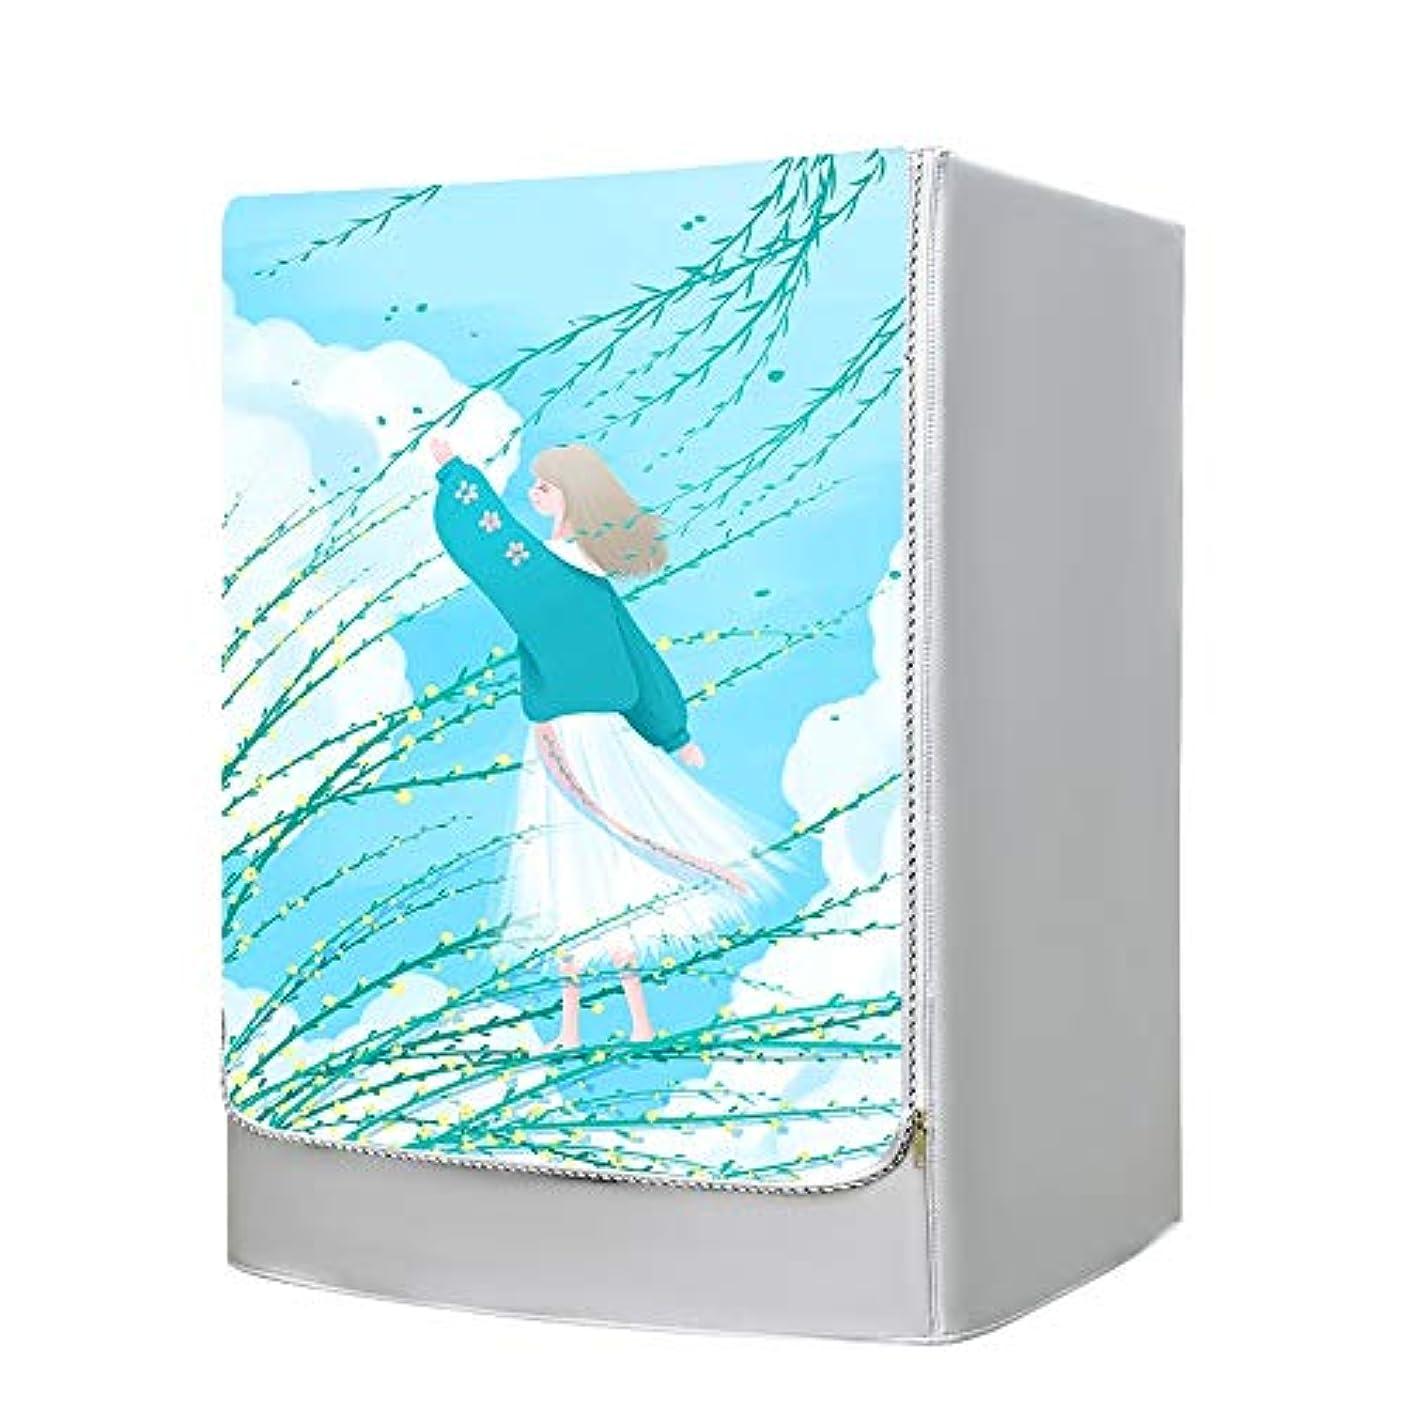 寄り添うトレーニングリスキーな洗濯機/乾燥機アウトドア用保護カバーフロントロードマシンレジストは日雨と風の防塵PVCオックスフォードポリエステル (Color : B, Size : M)